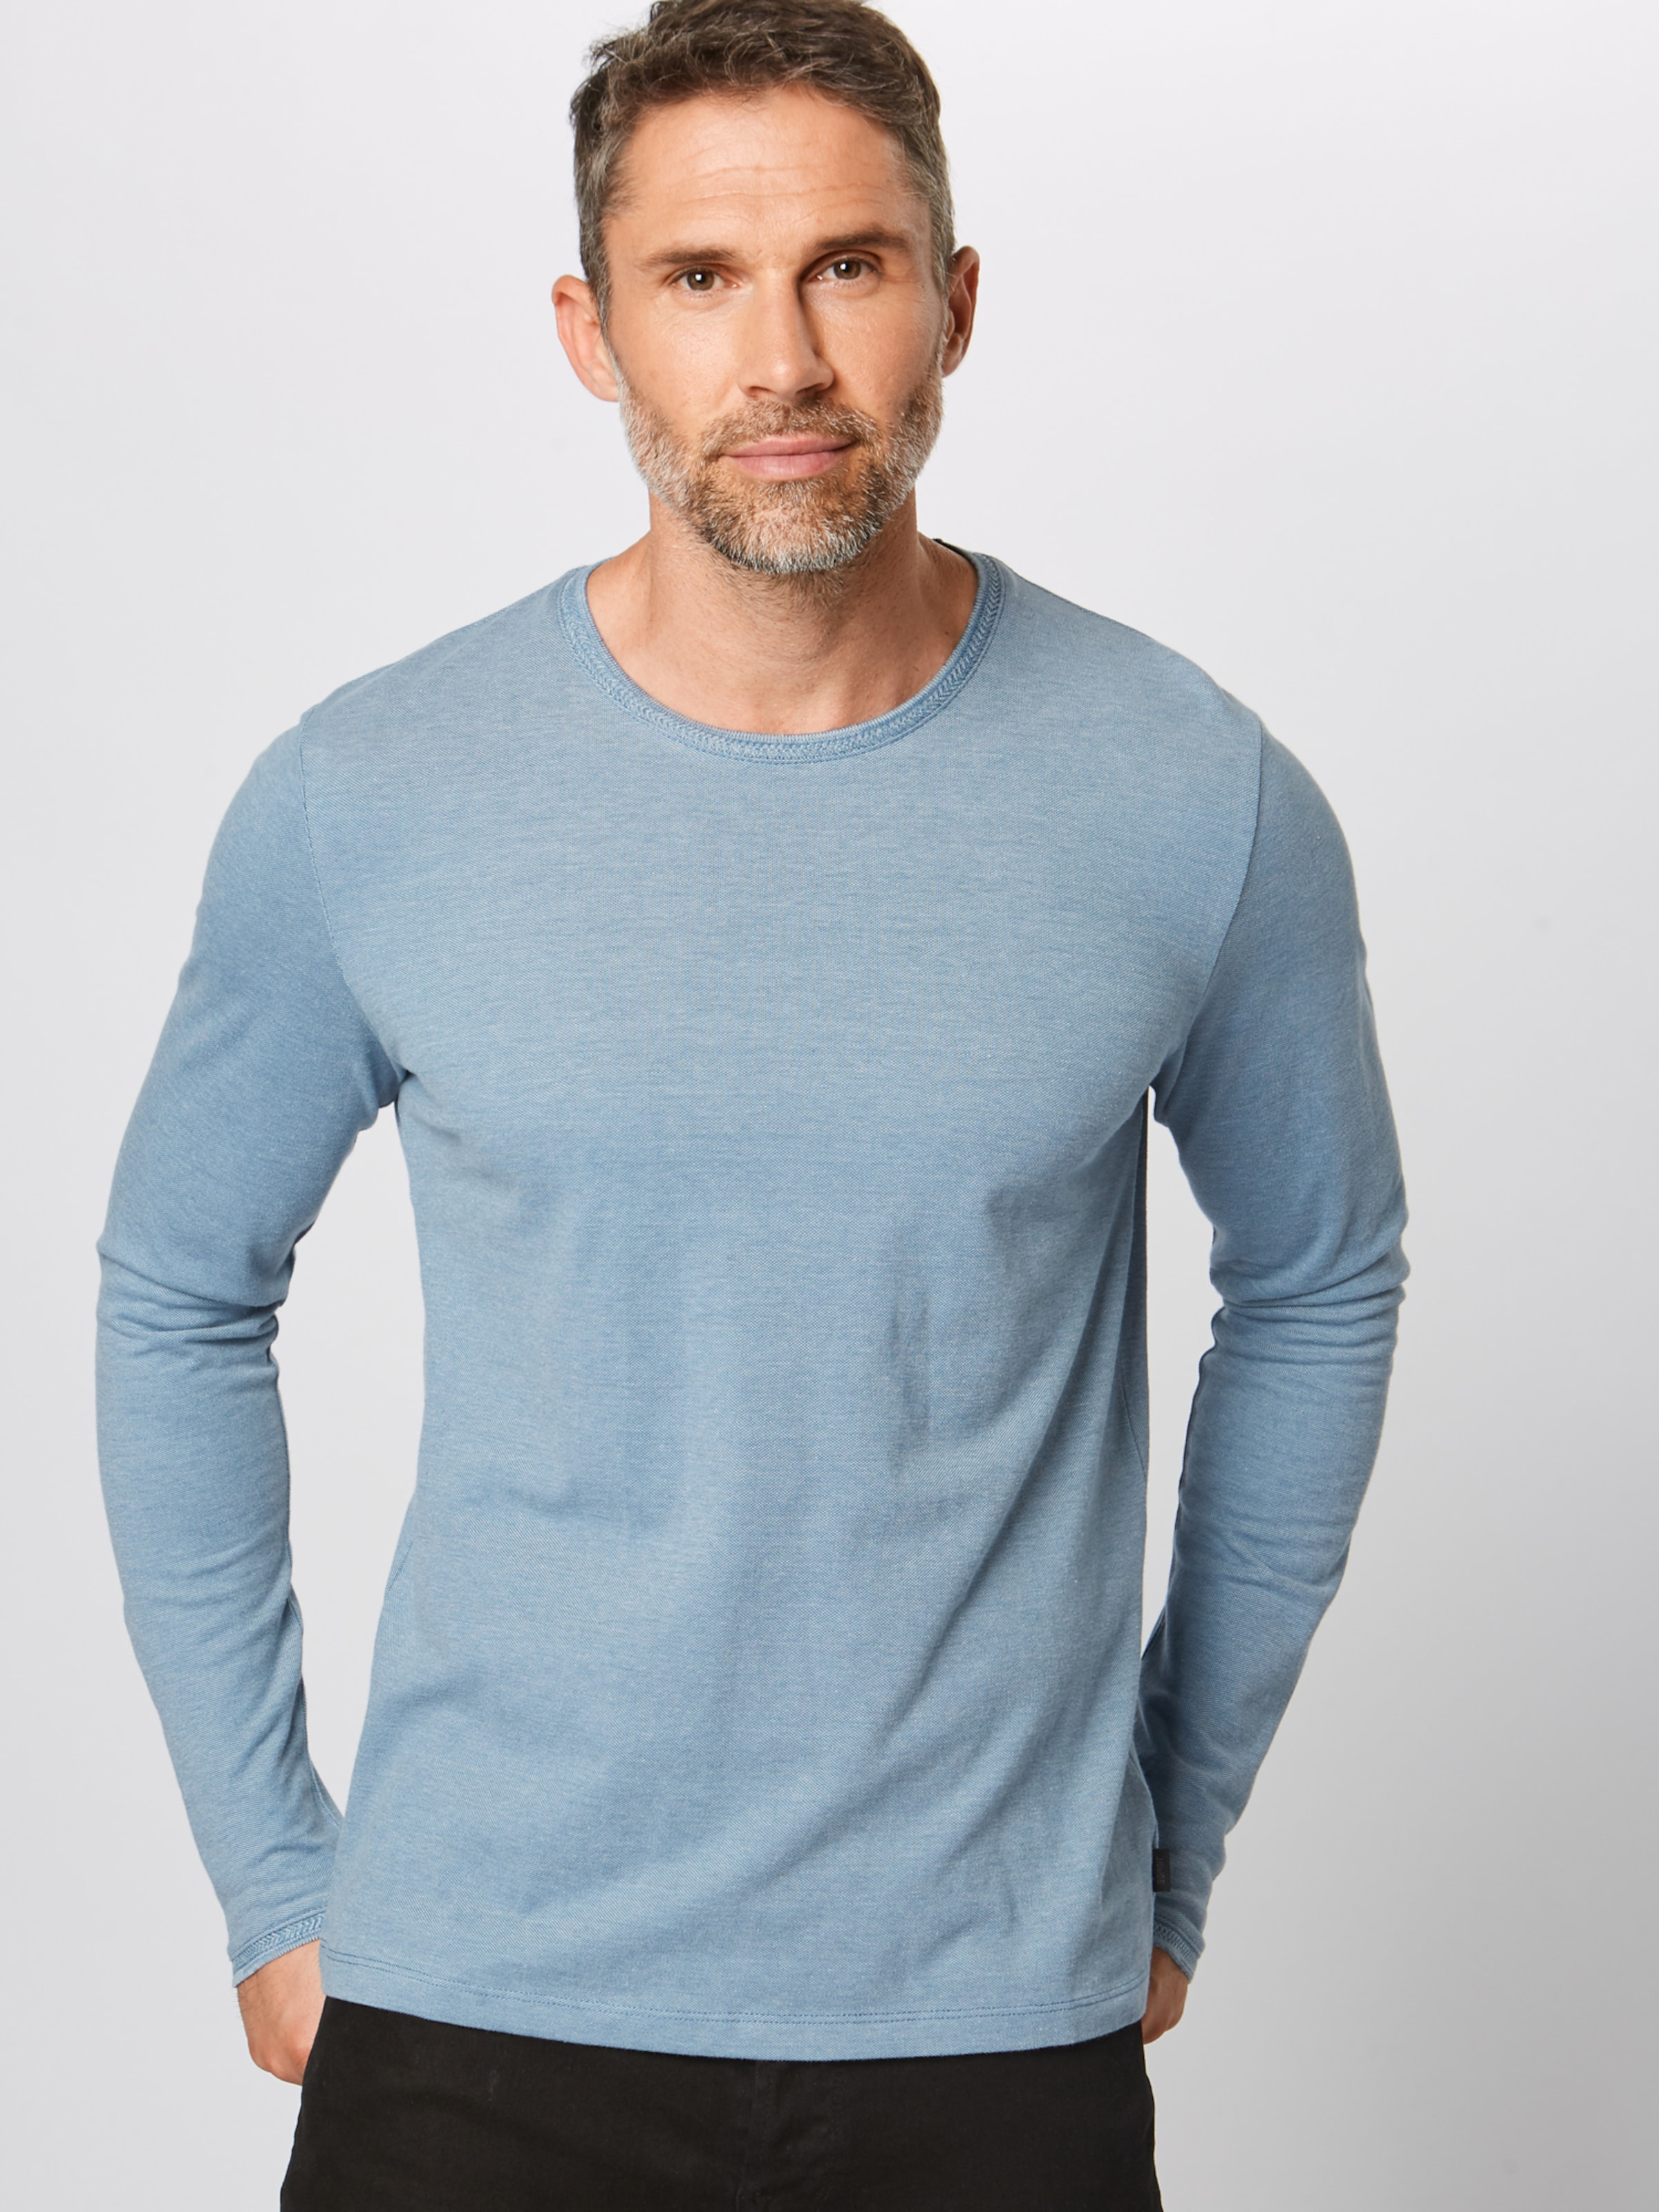 In Oxpi Shirt Ls' 'ocs Rauchblau Esprit Cn dBexrCo